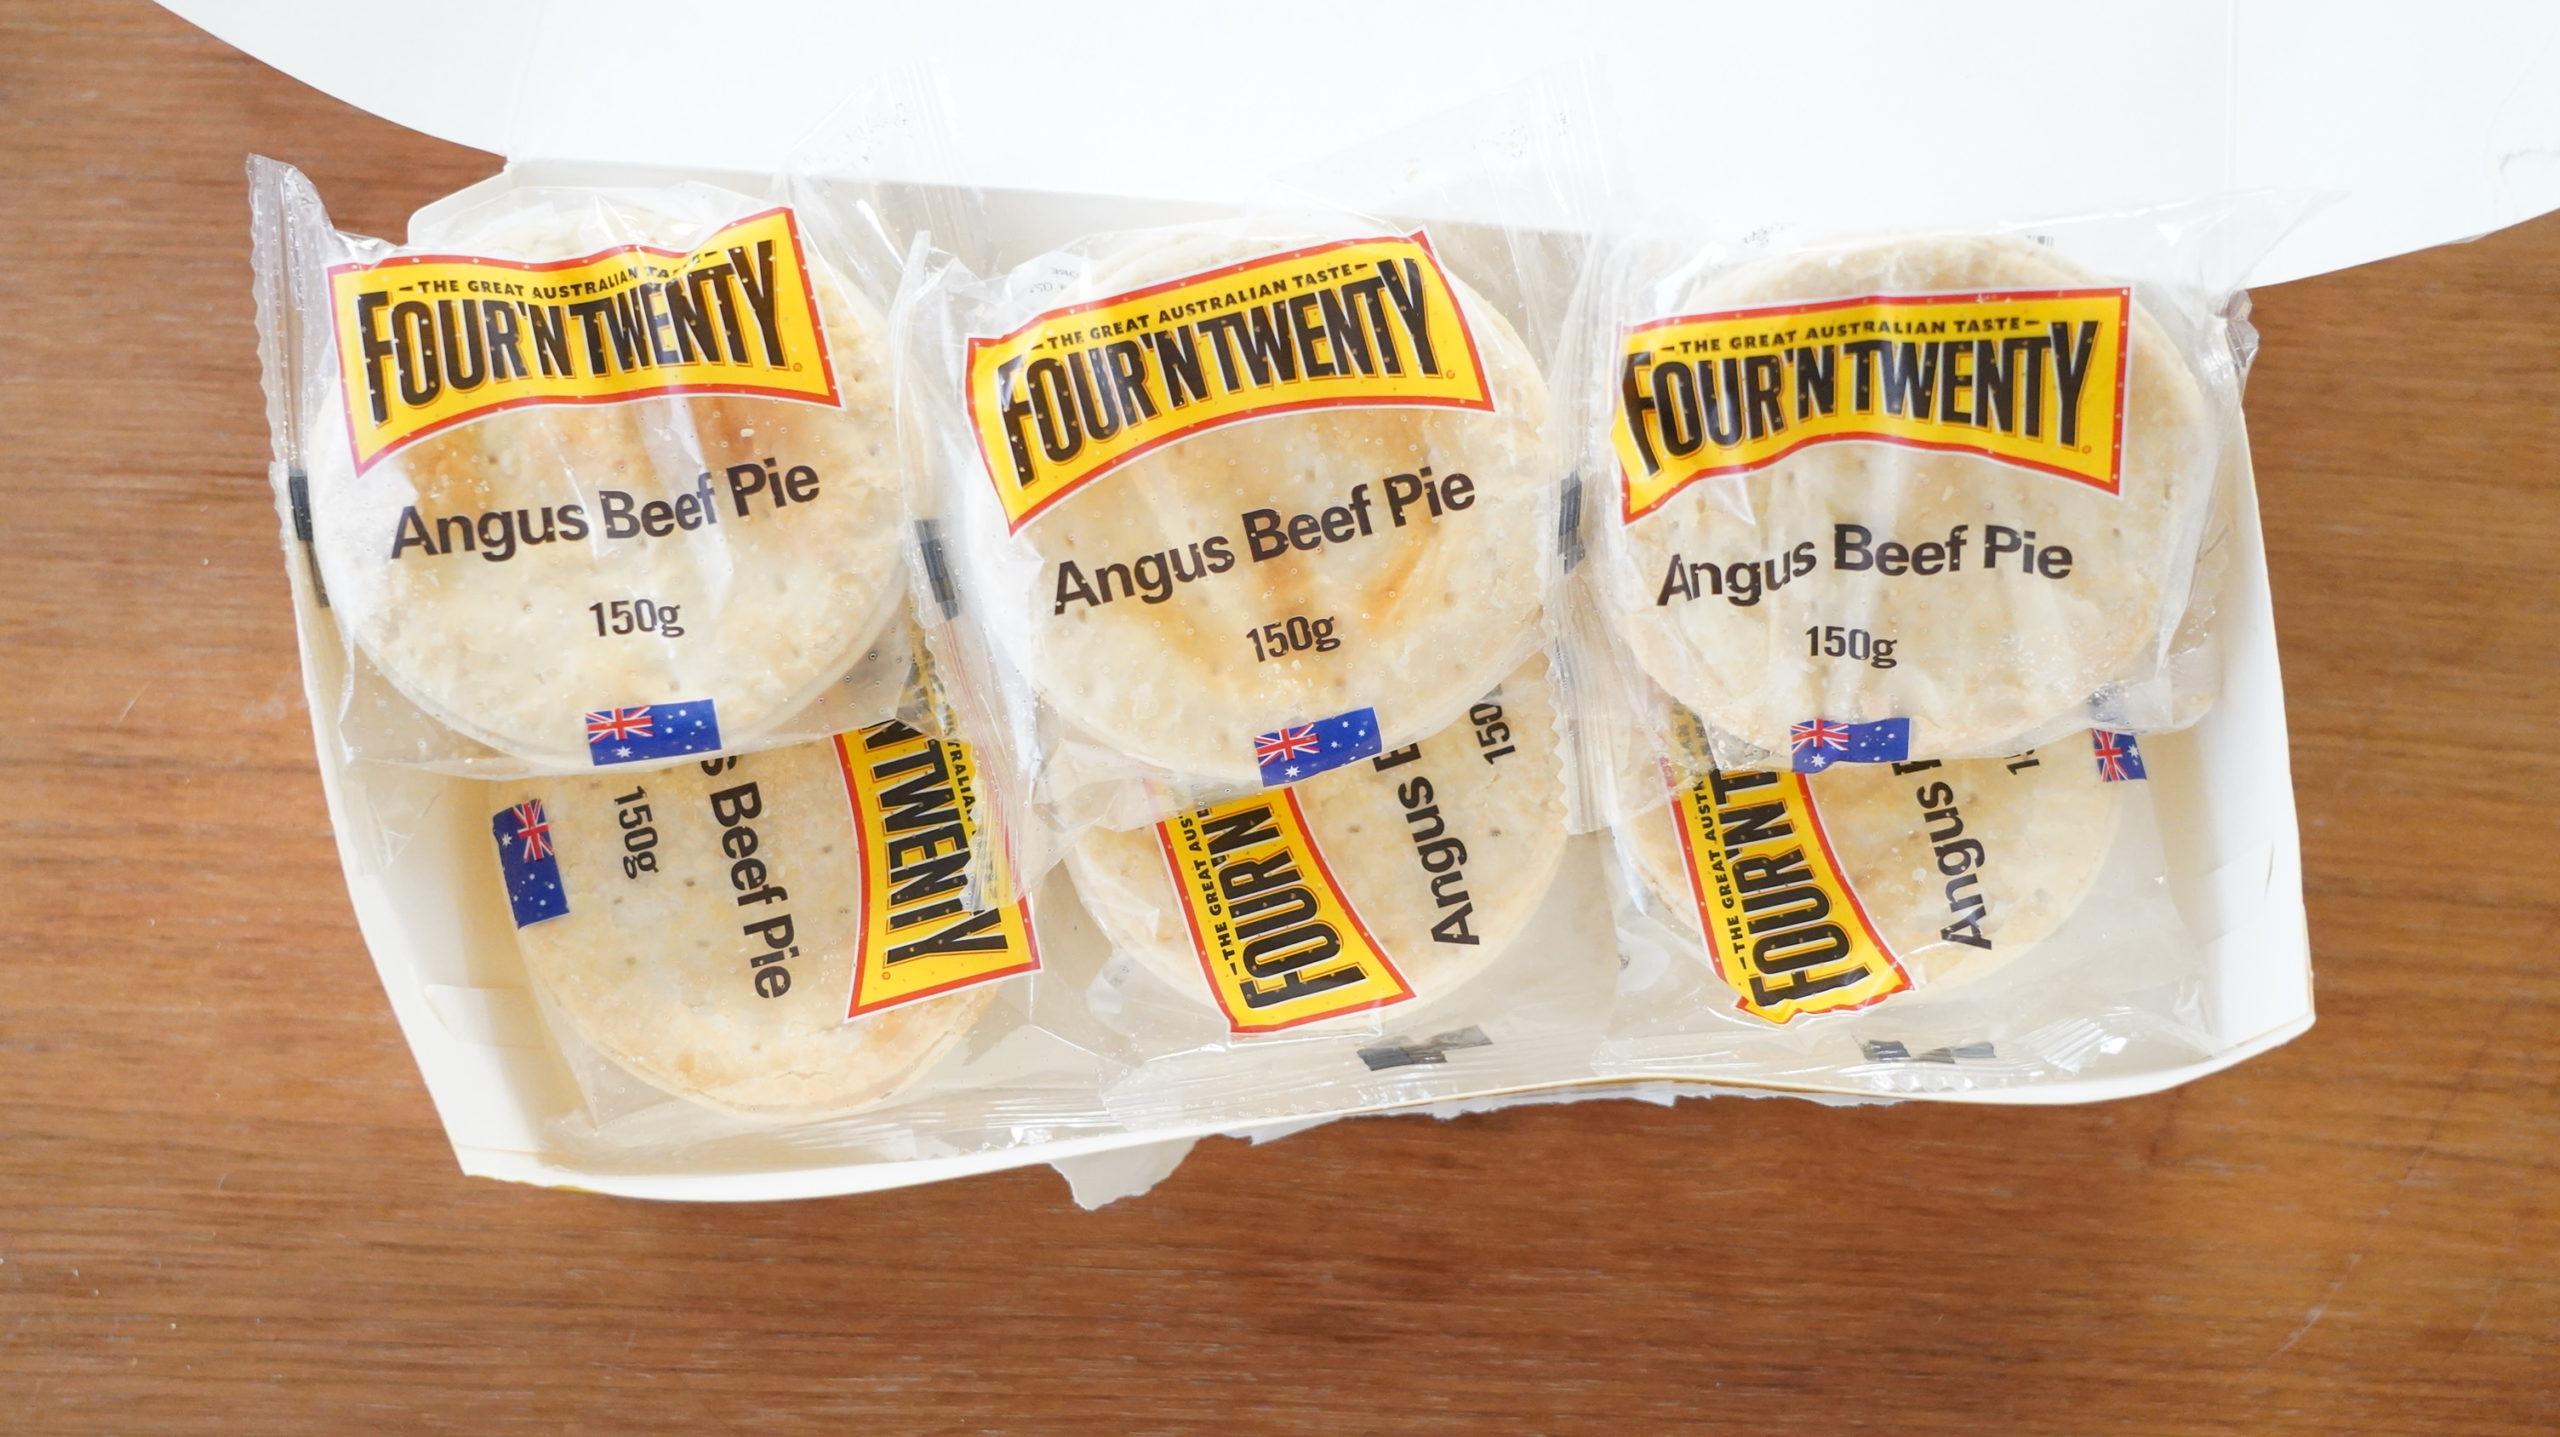 コストコの冷凍食品「アンガスビーフパイ」が箱に6個入っている写真